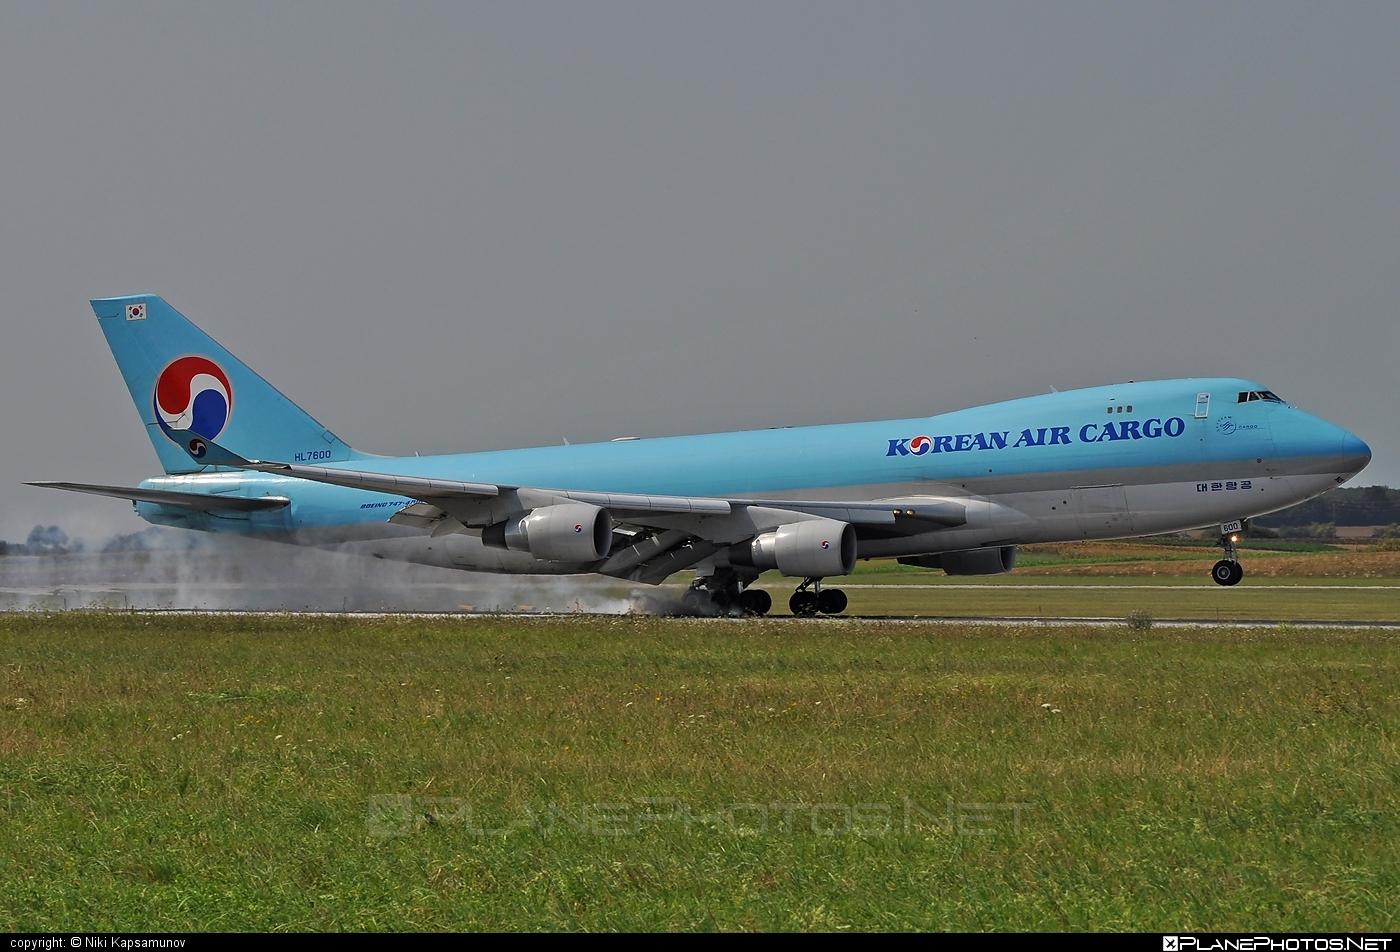 Boeing 747-400ERF - HL7600 operated by Korean Air Cargo #b747 #b747erf #b747freighter #boeing #boeing747 #jumbo #koreanair #koreanaircargo